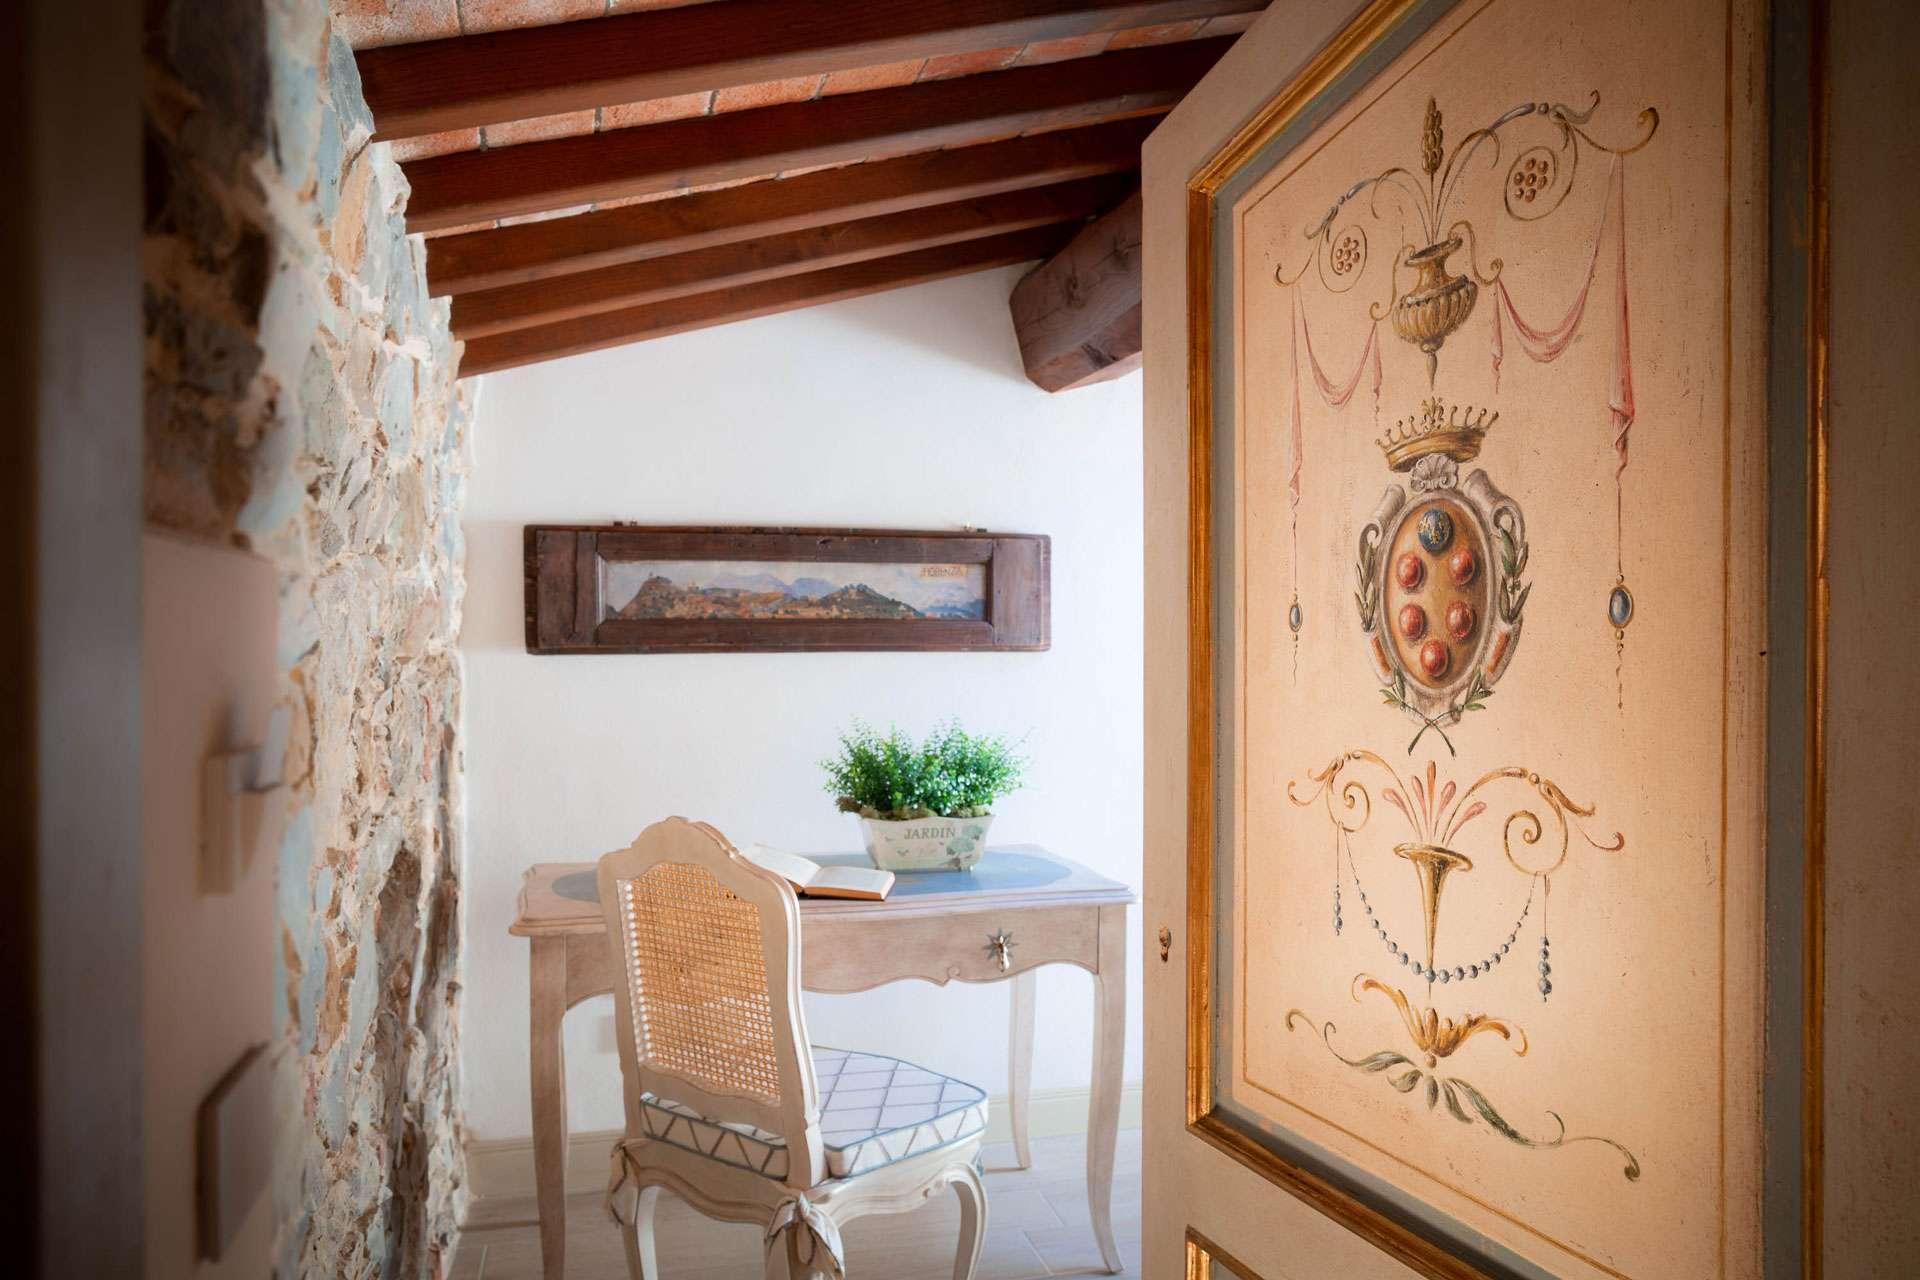 porta della camera dell'agriturismo decorata a mano